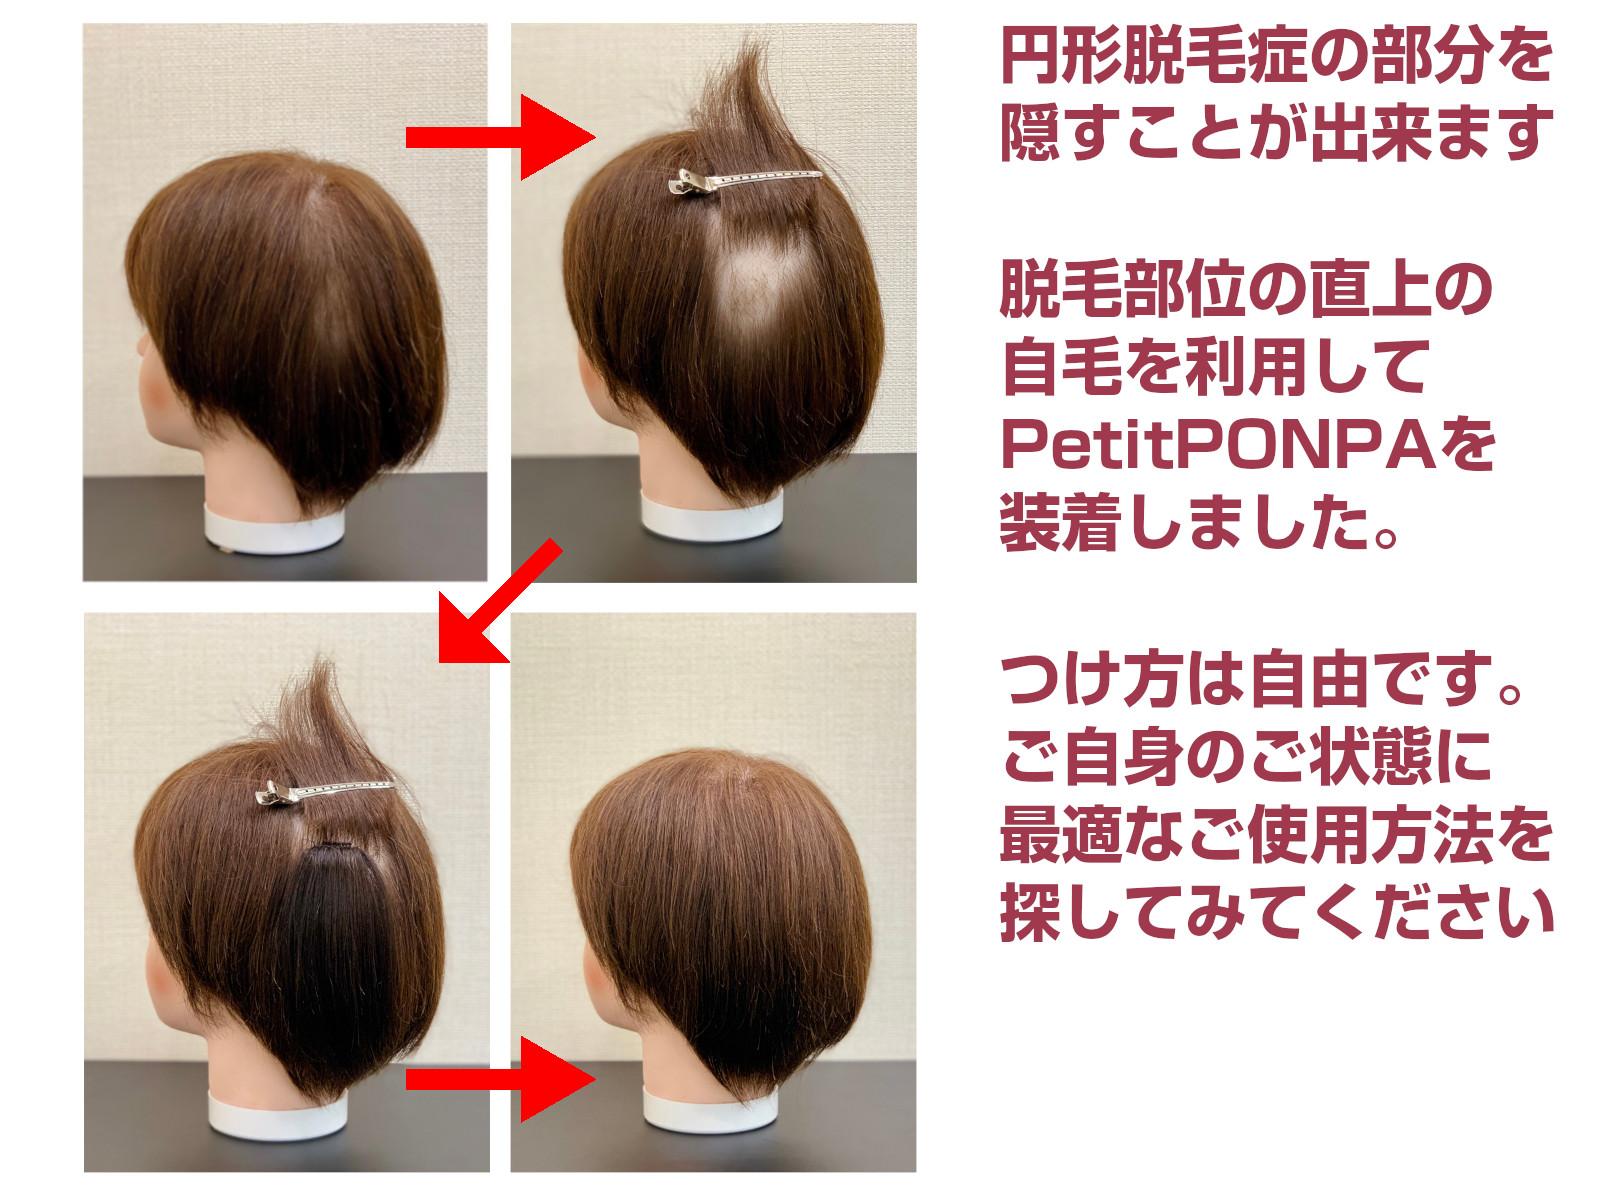 極小部分ウィッグ 円形脱毛症にも Petit PON-PA(プチポンパ)